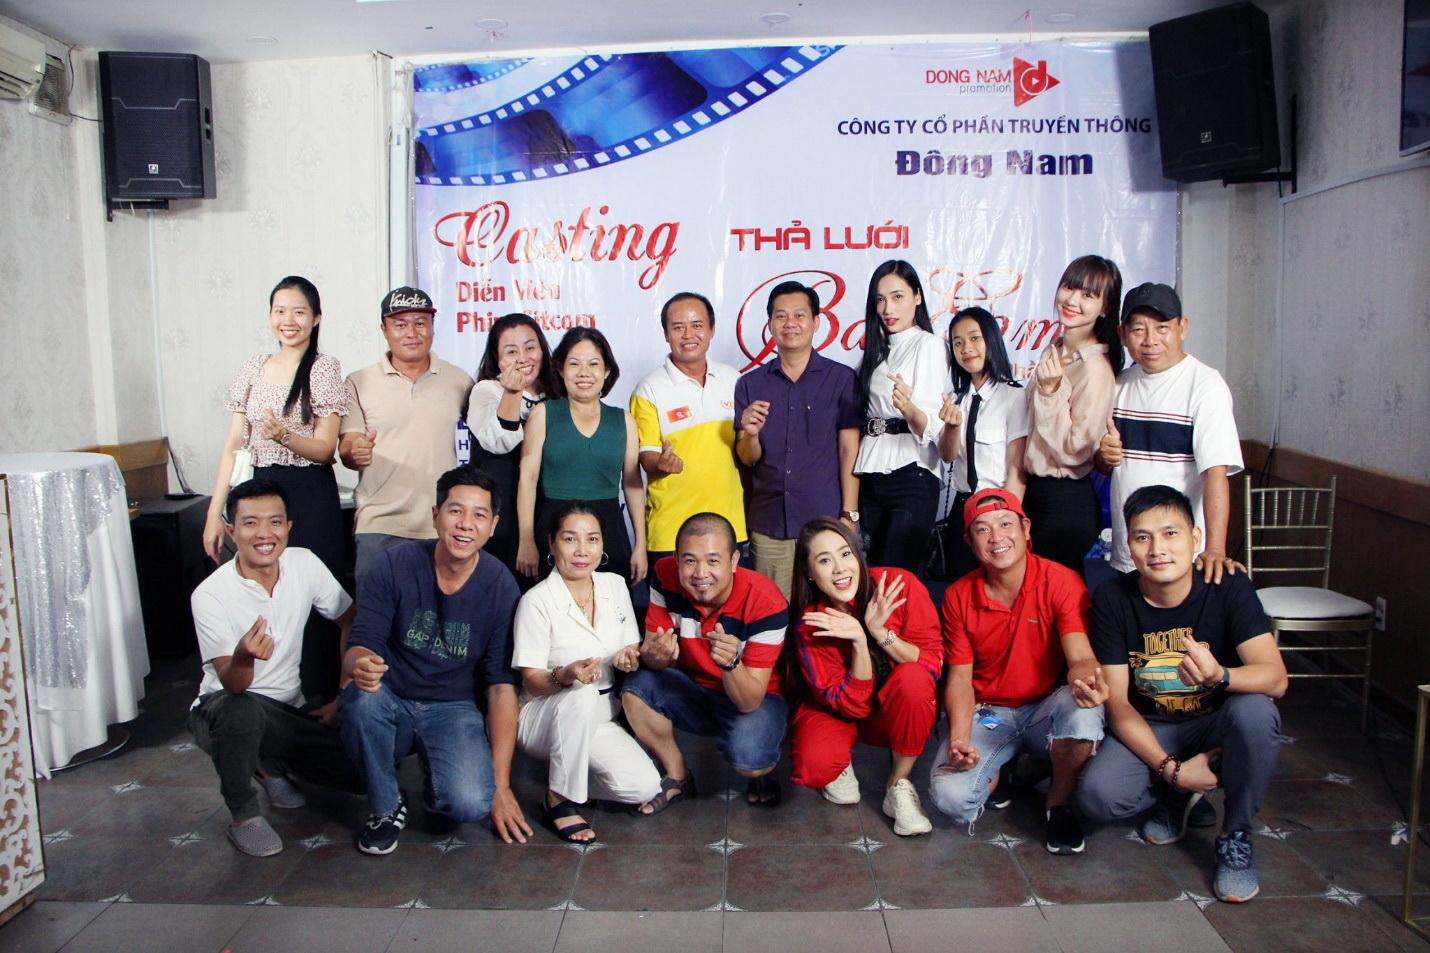 Phim Tha luoi bat em 2